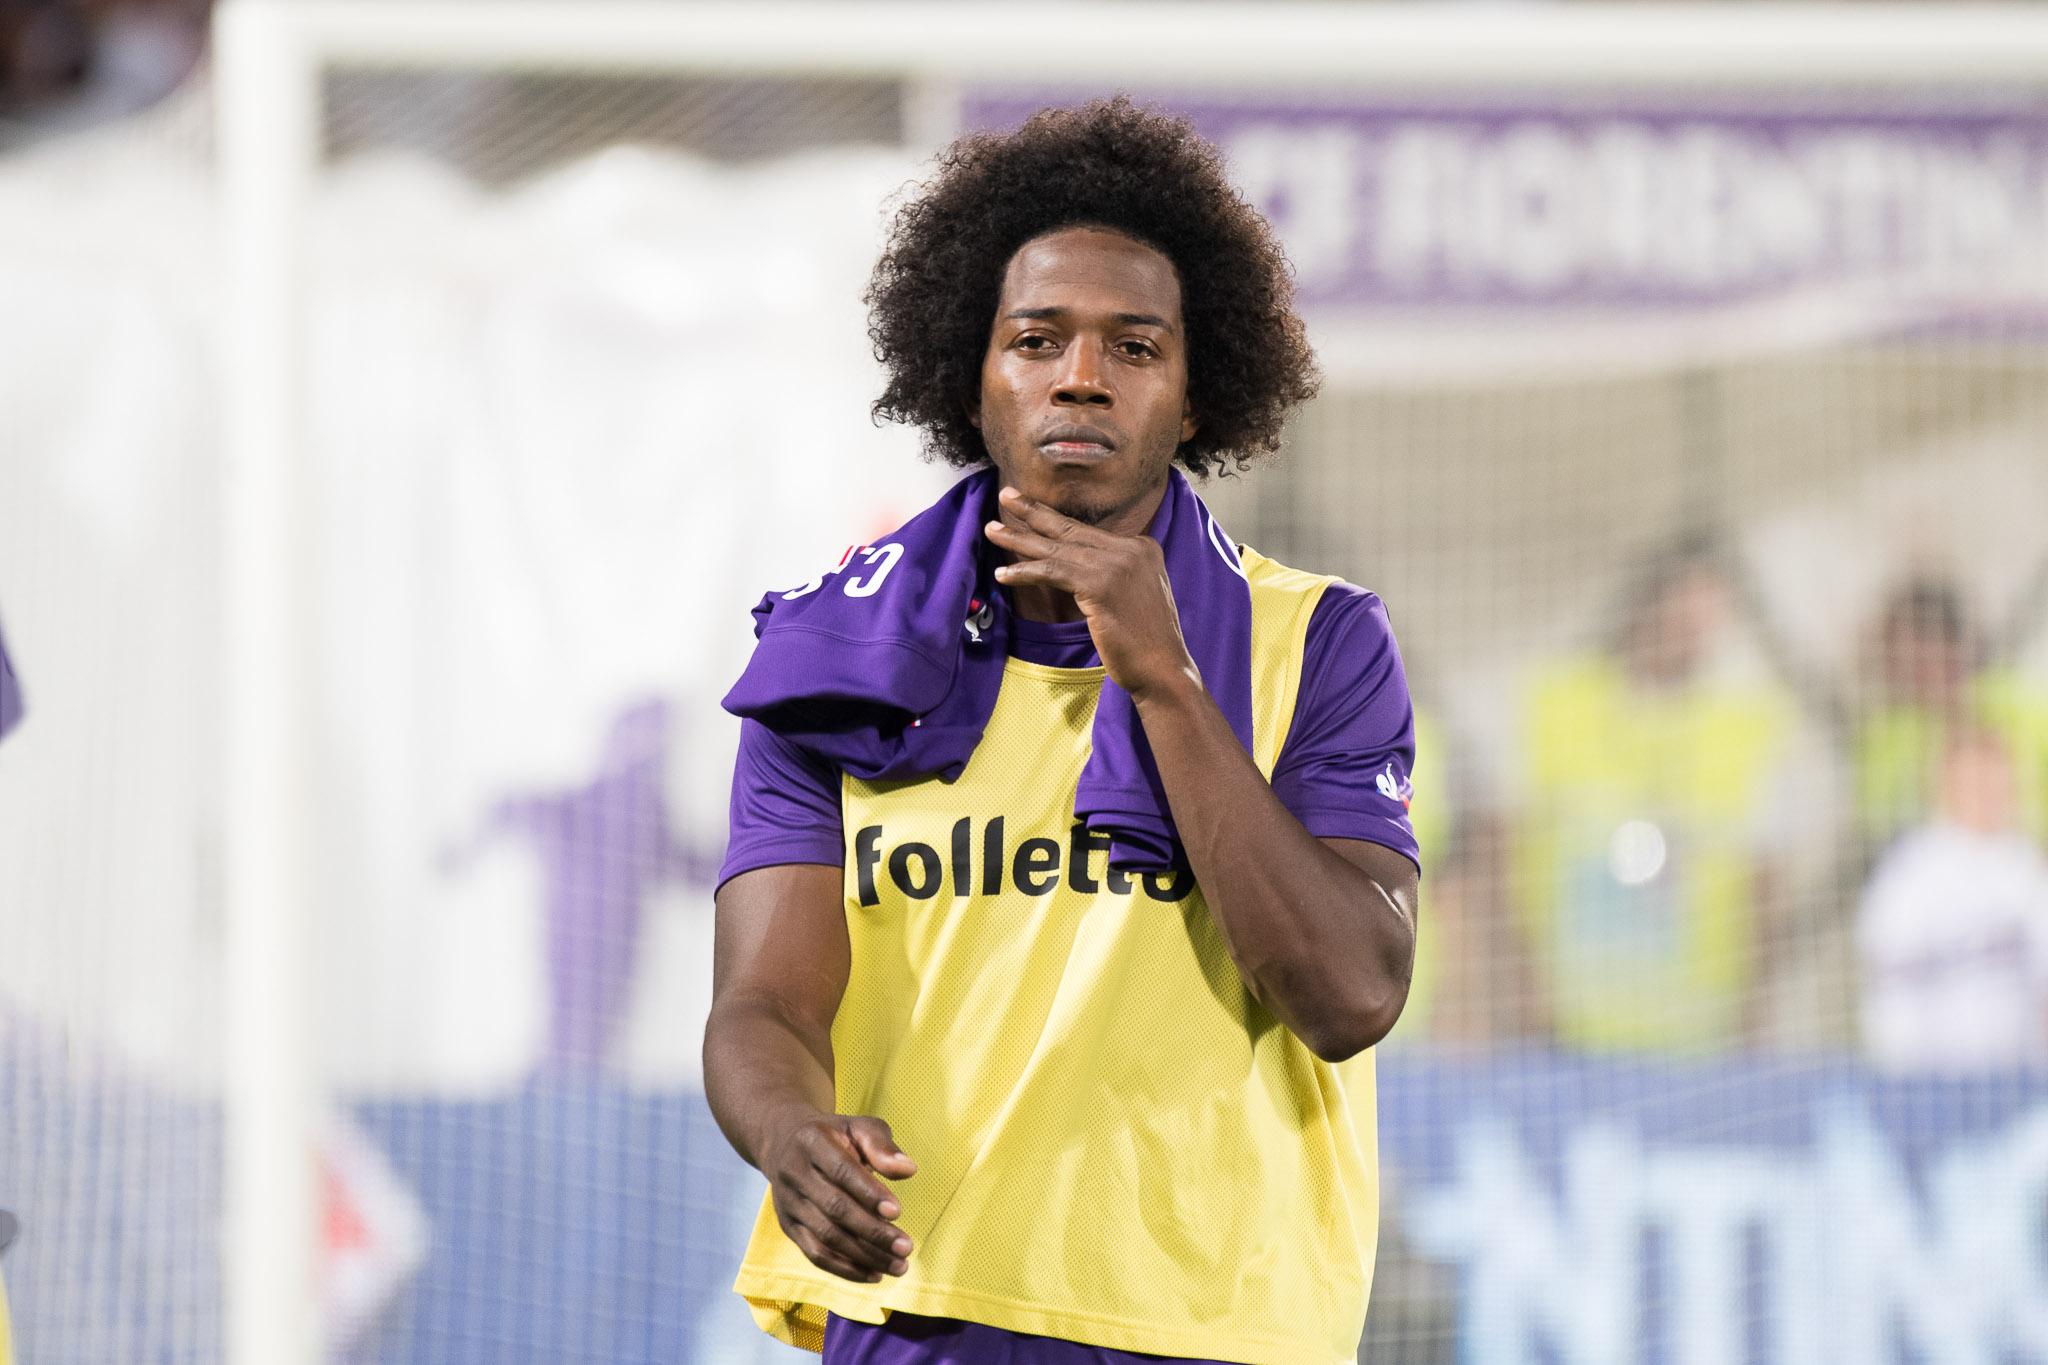 C'è anche una Fiorentina scontenta: Sanchez e Cristoforo chiedono spazio o possono fare le valigie a gennaio…